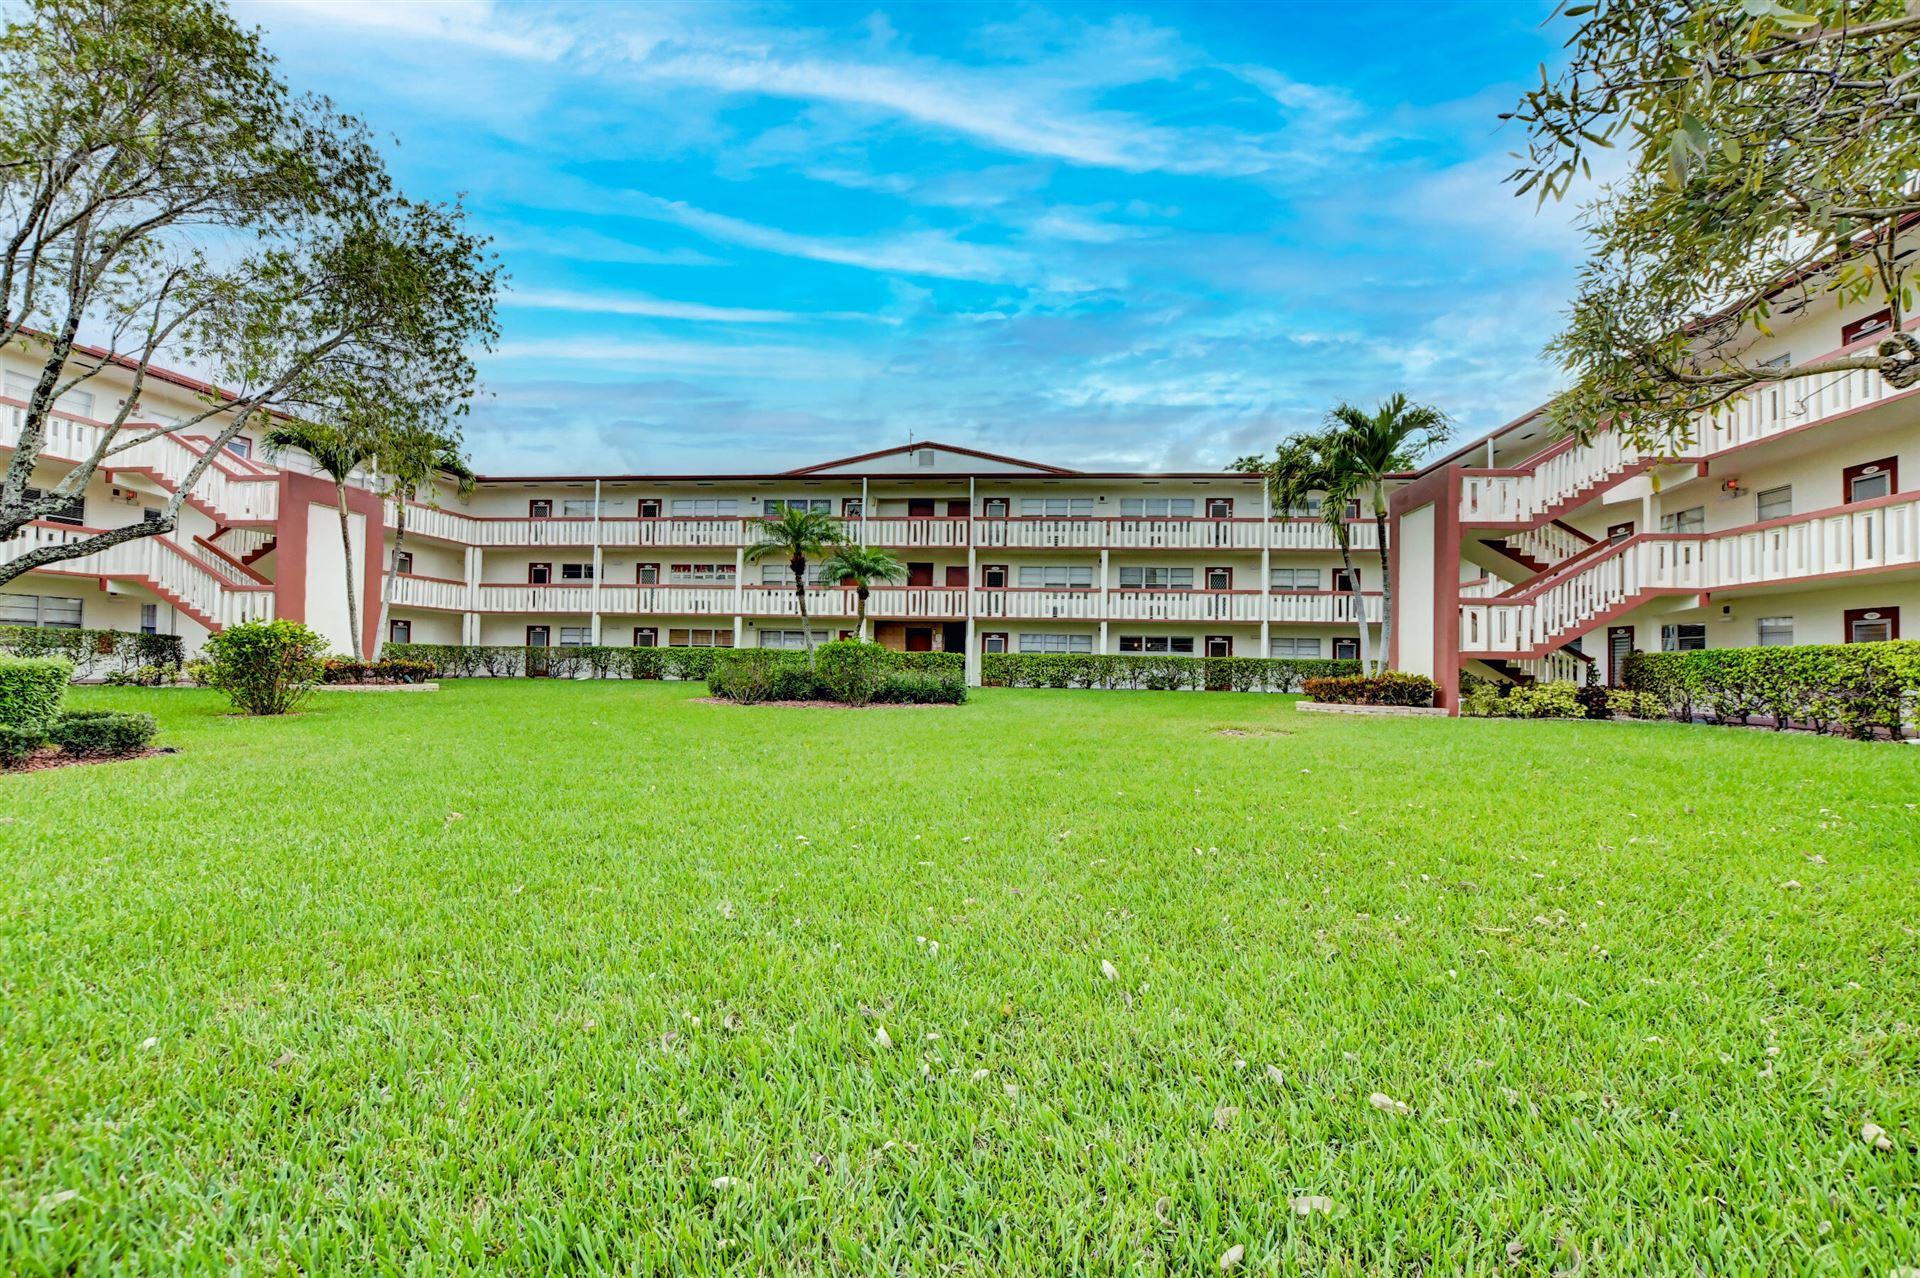 181 Brighton E, Boca Raton, FL 33434 - MLS#: RX-10695101